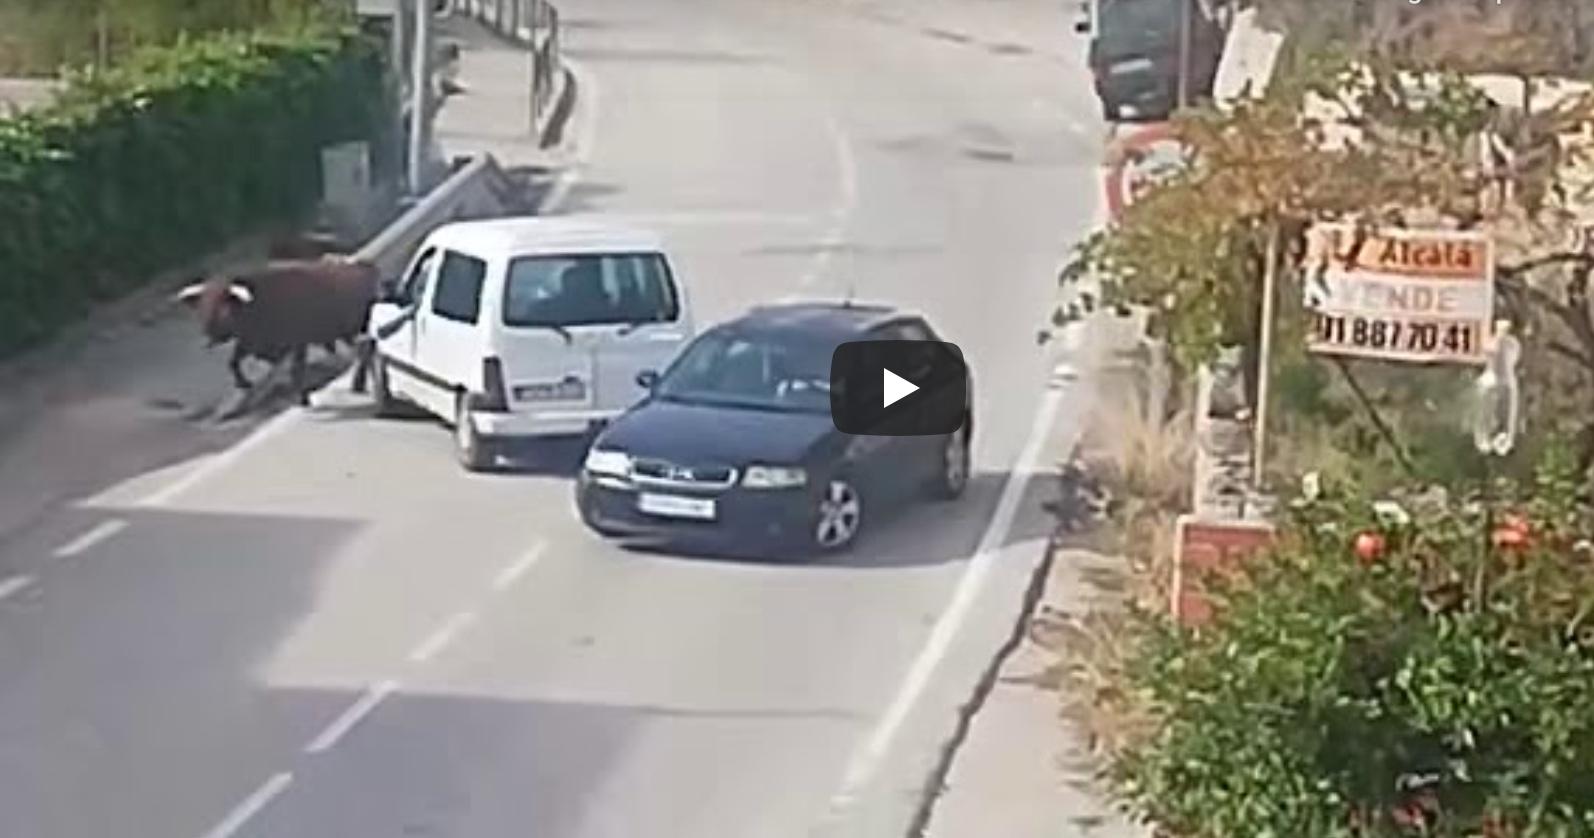 VIDEO // Un toro s'échappe d'une ganaderia et sème la panique dans le centre ville de Pastrana (Guadalajara)